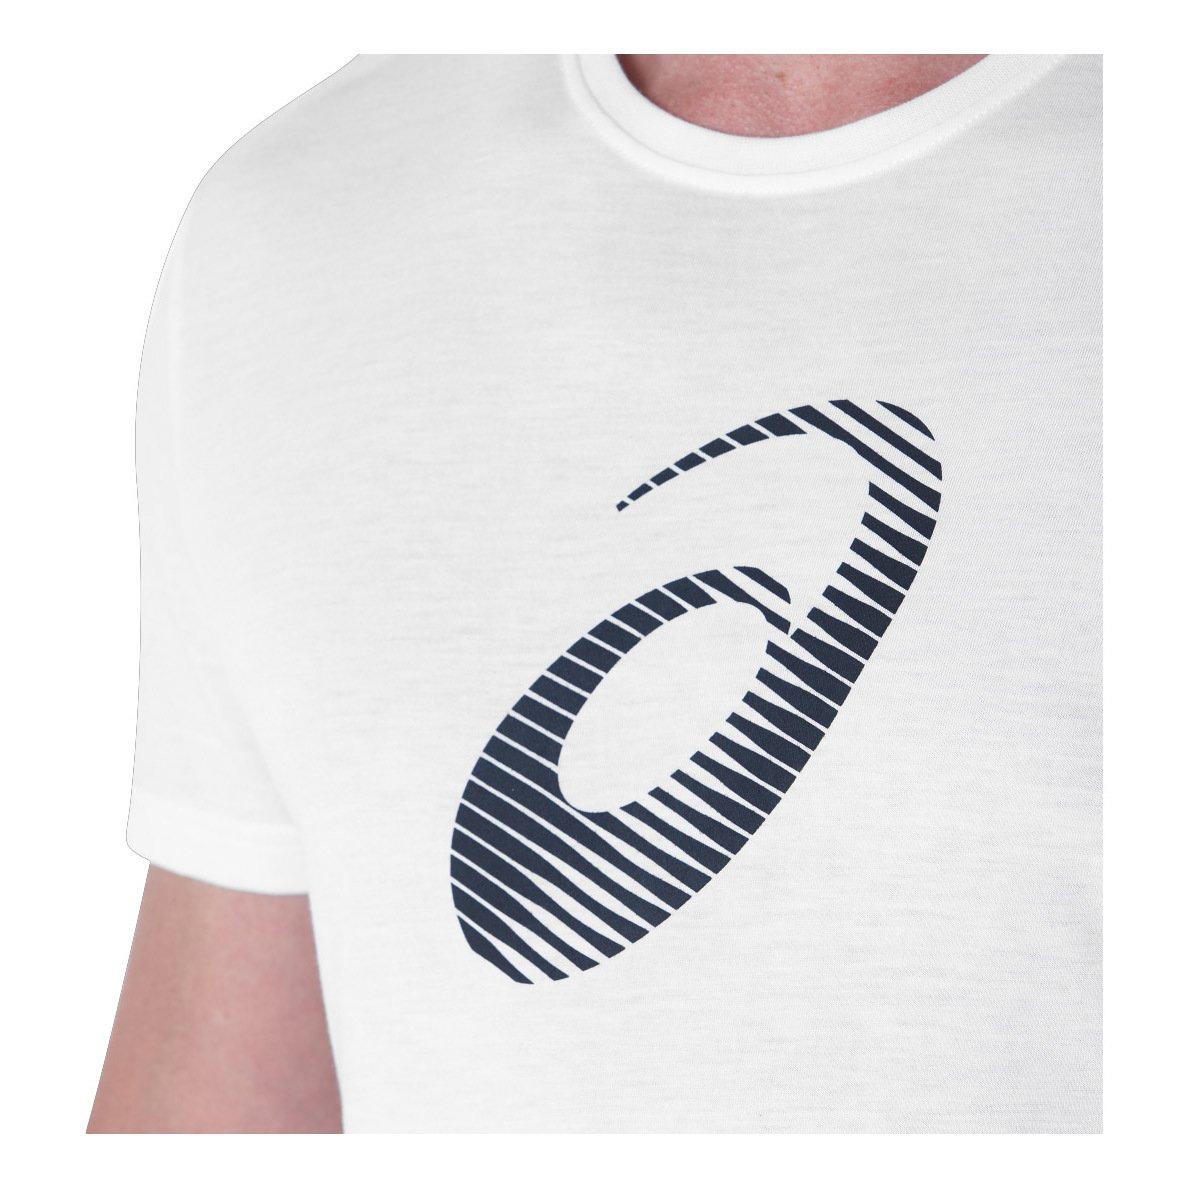 Maillot Asics Logo Top Logo ss top Streetwear